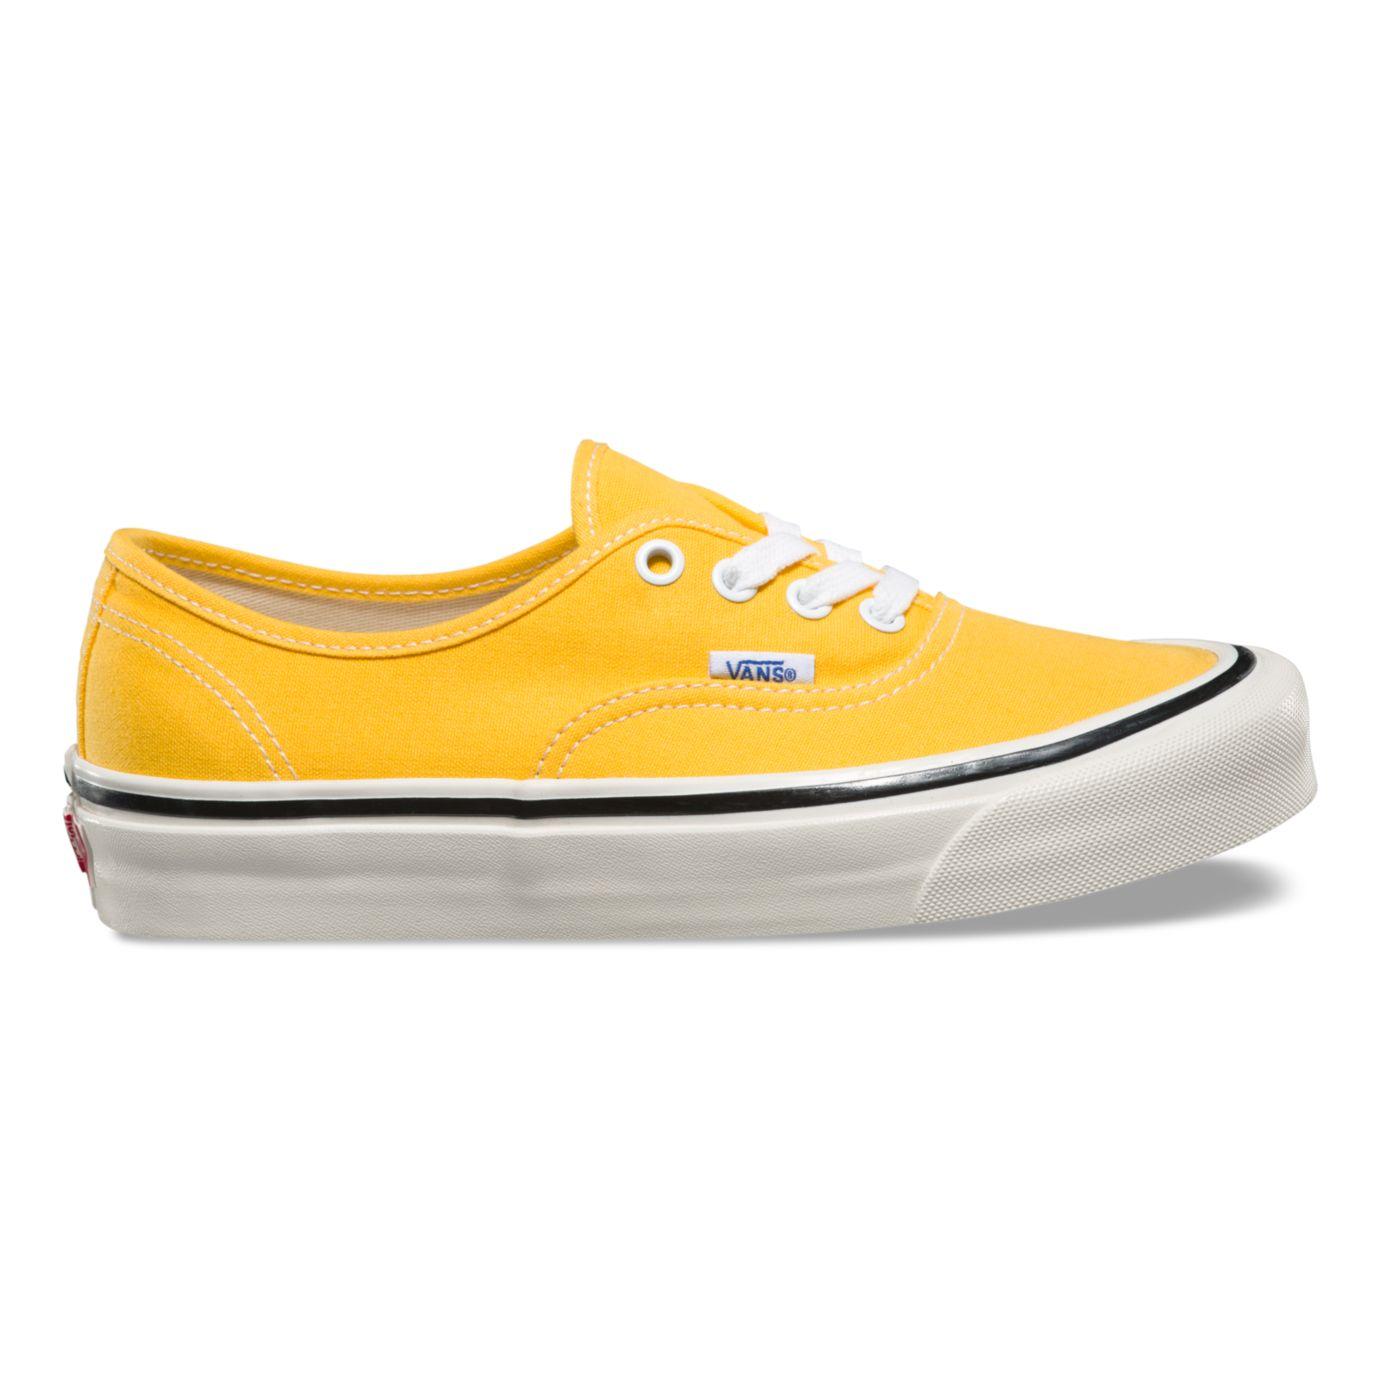 c9c652be1d54ee Vans Releases Footwear Pack Inspired by Original Anaheim Factory